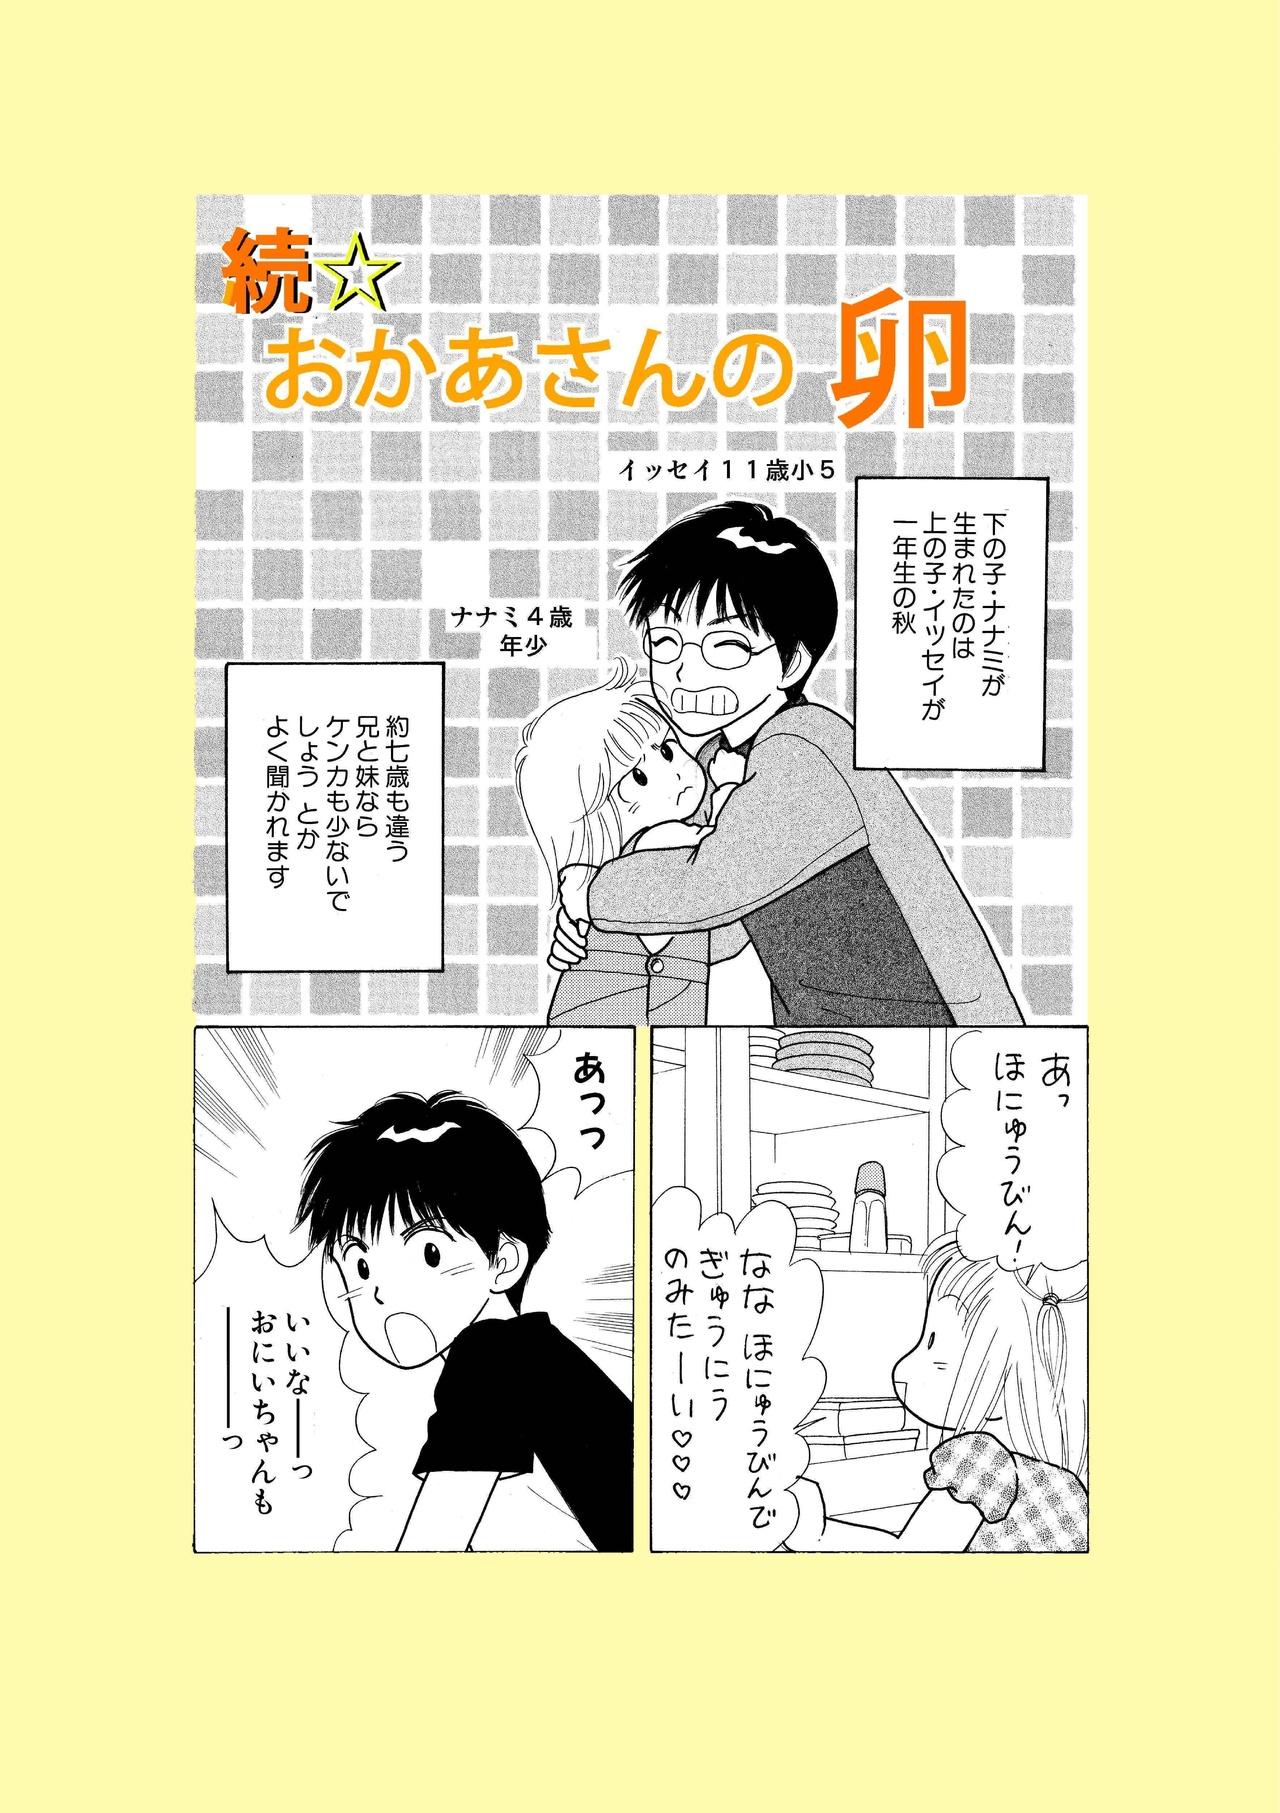 #育児コミック #エッセイ漫画 #漫画 #子育て